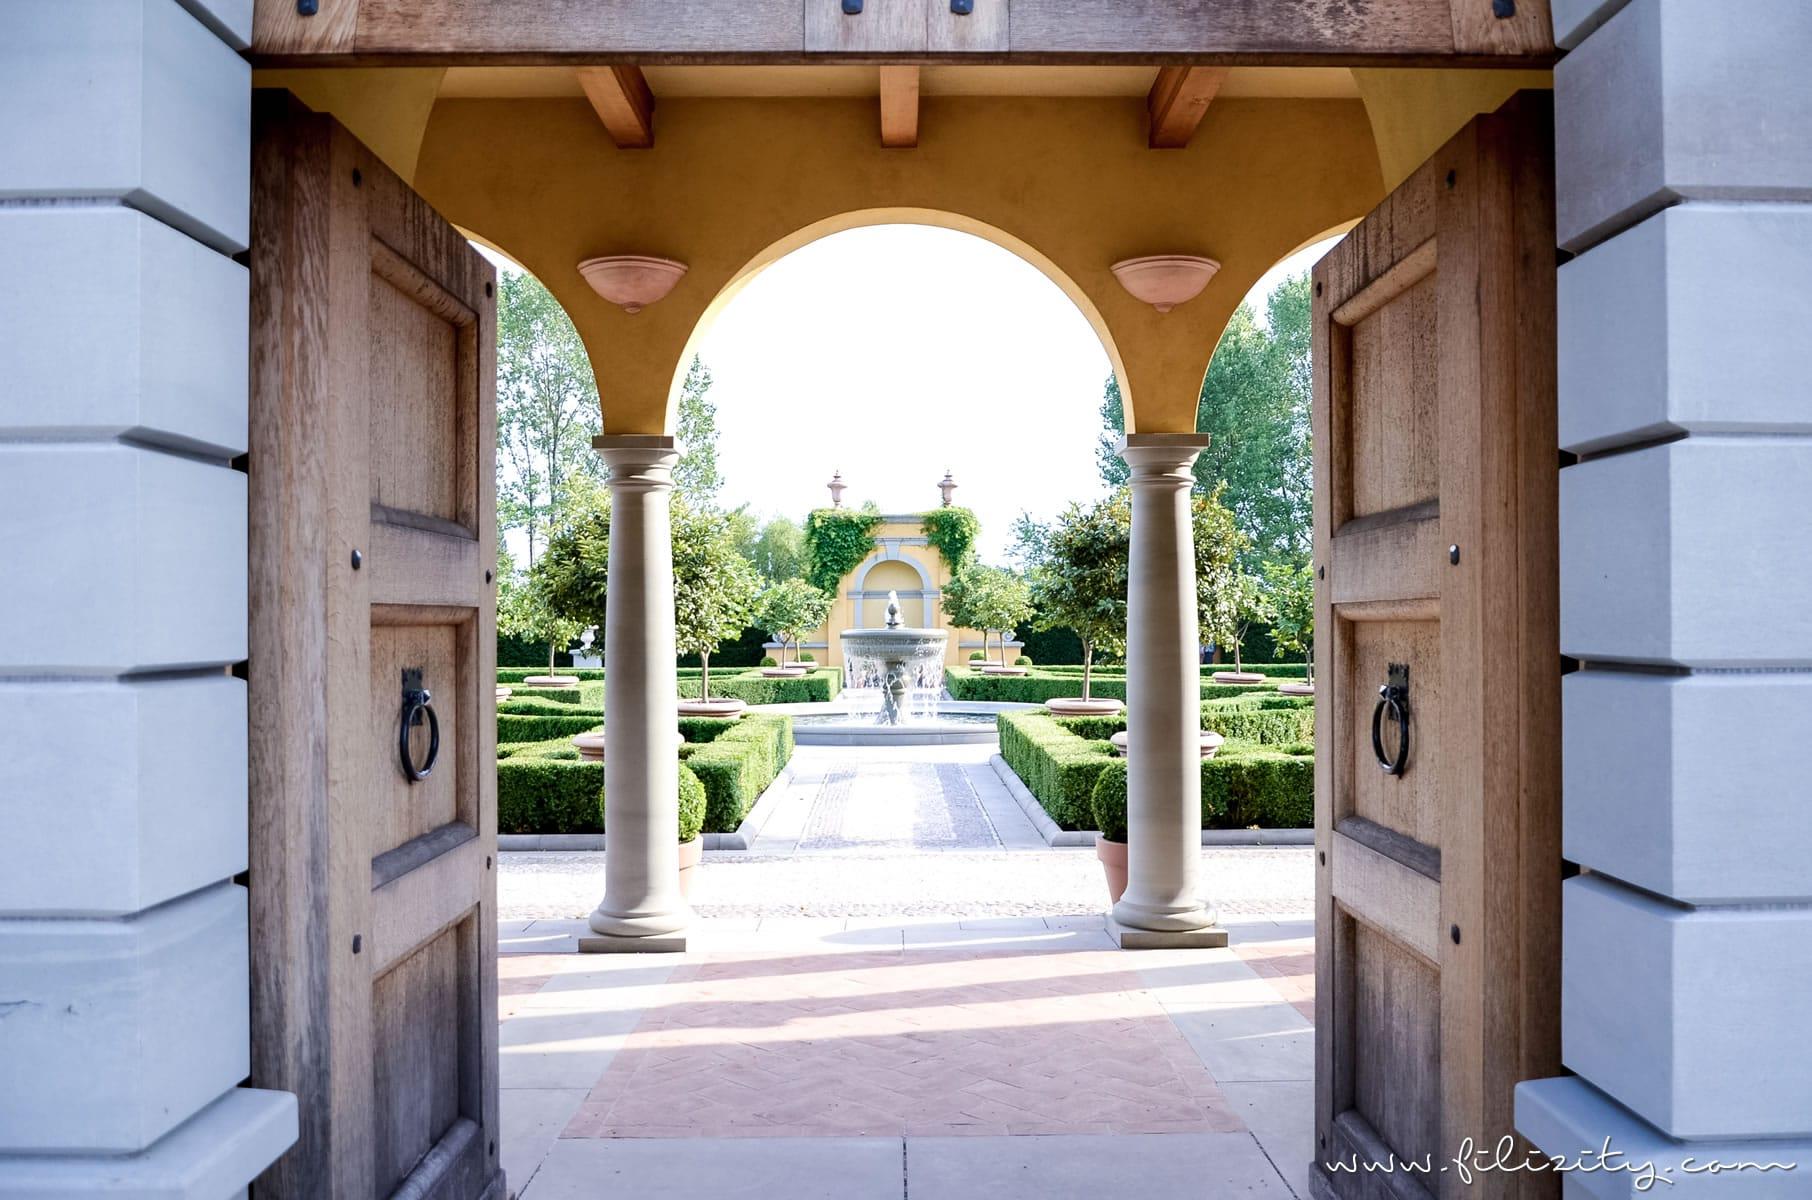 So geht Urlaub zuhause – Eine schöne Zeit ohne zu verreisen // Berlin - Gärten der Welt #reisen #urlaub #frühstück